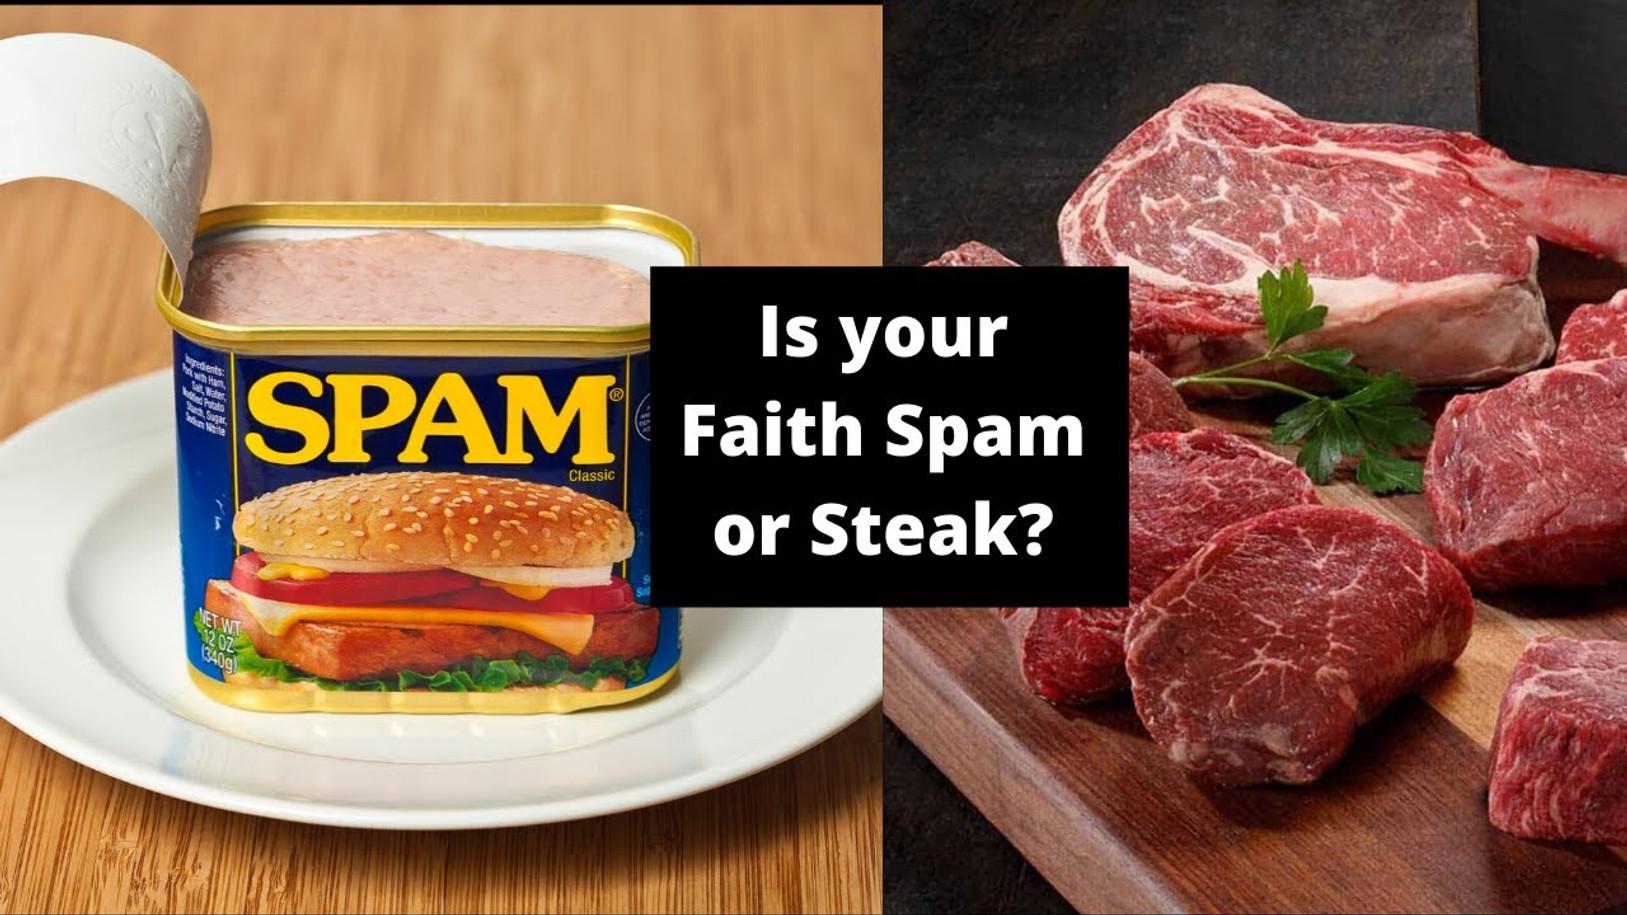 Is Your Faith Spam or Steak?